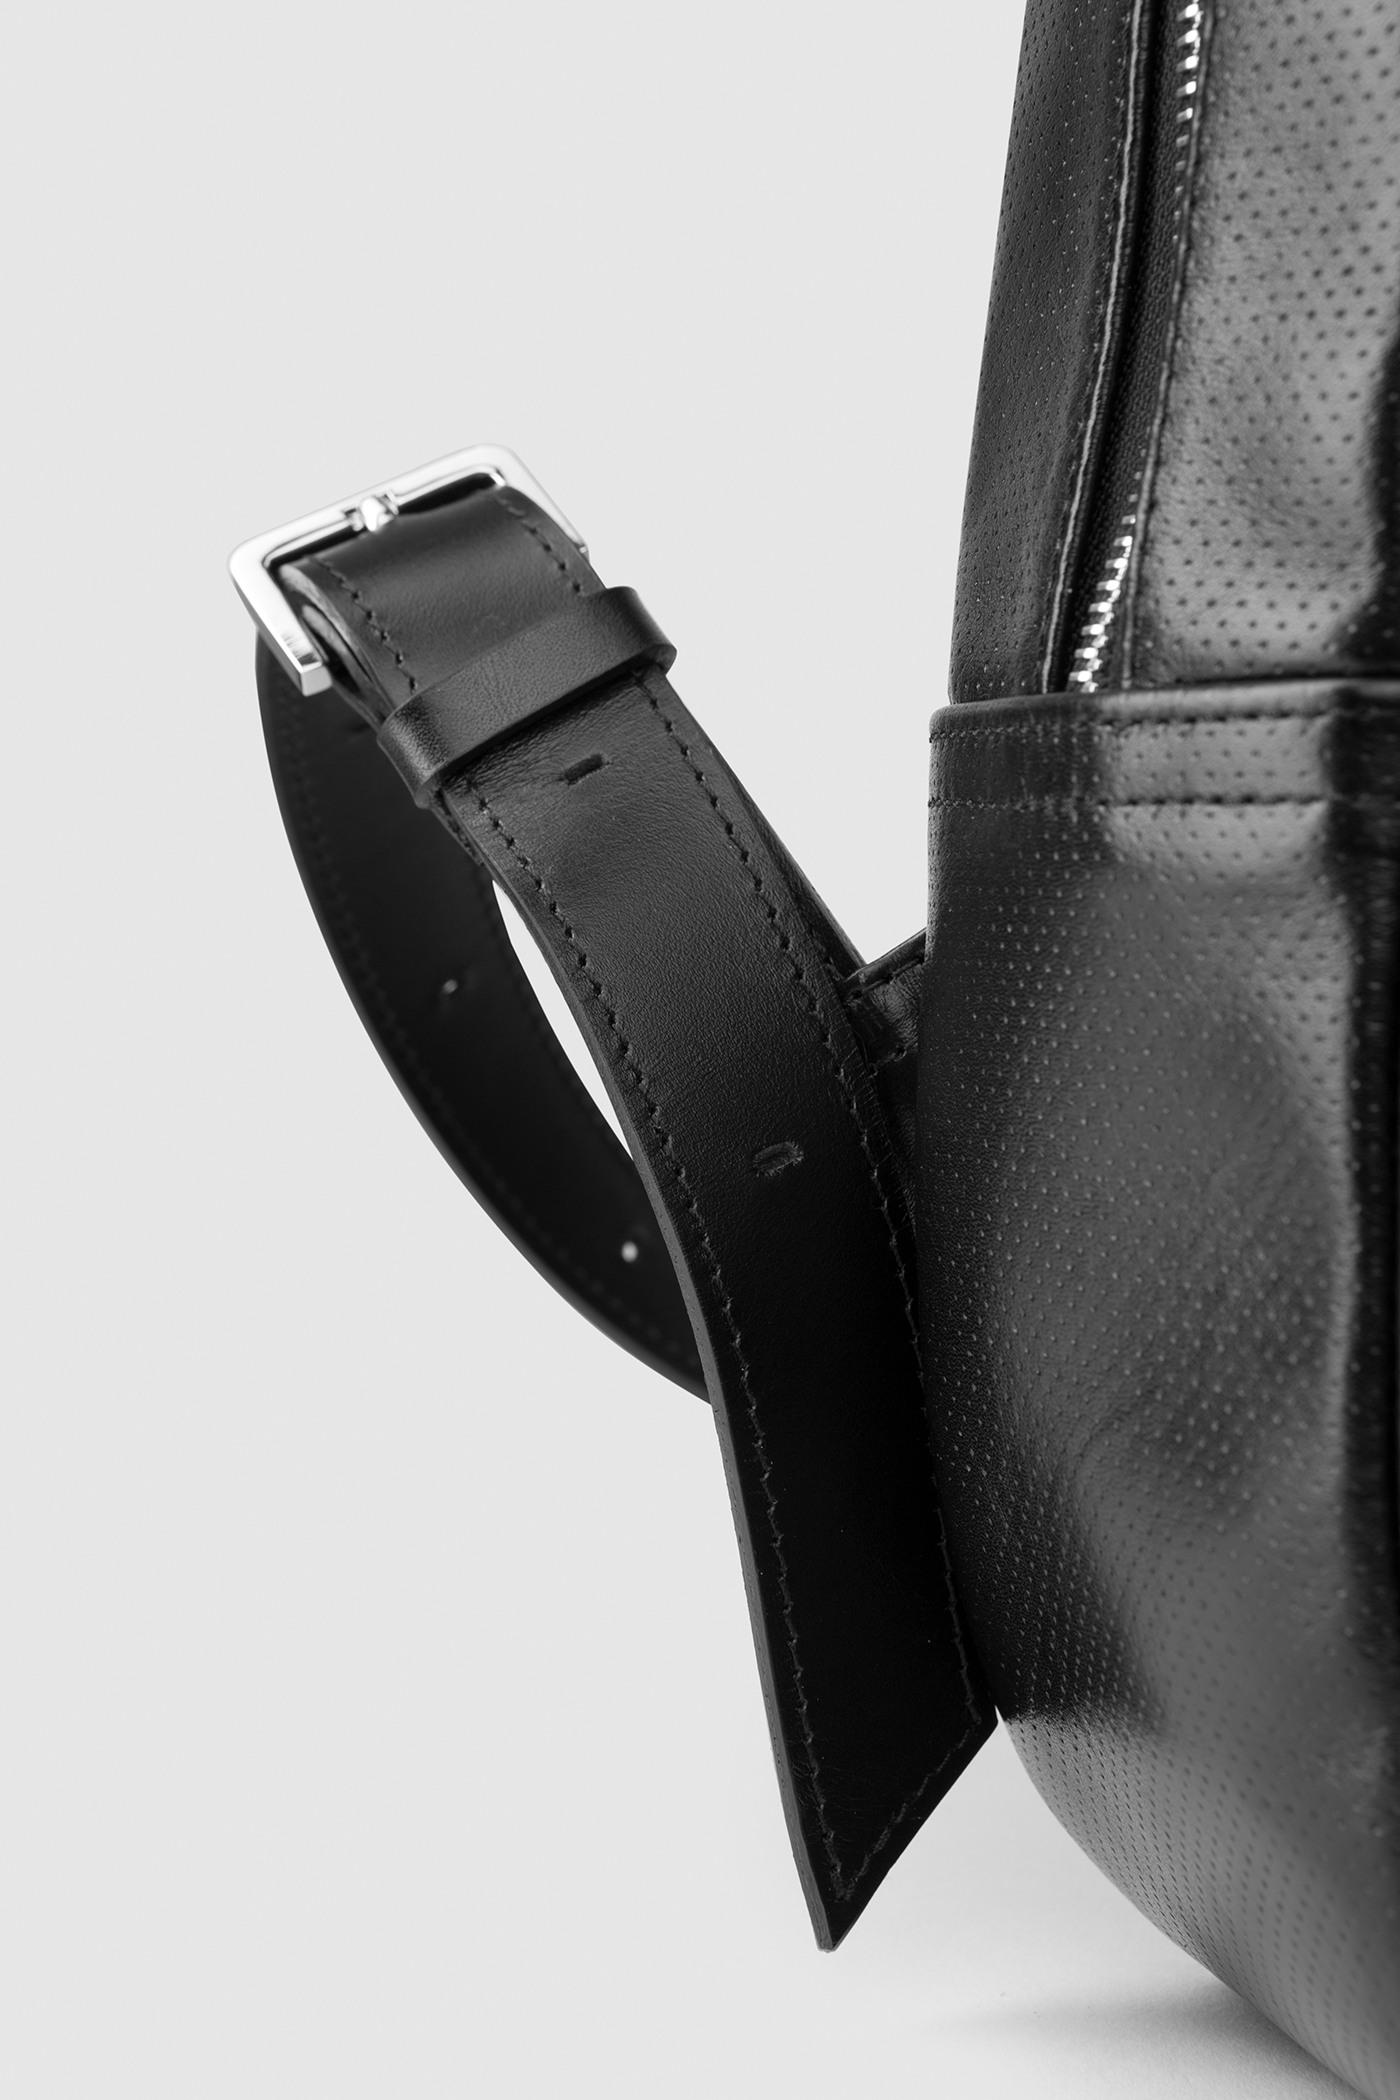 Рюкзак из перфорированной кожиГородской классический рюкзак&#13;<br>&#13;<br>&#13;<br>унисекс&#13;<br>&#13;<br>внутри отделение для ноутбука&#13;<br>&#13;<br>передний объемный карман на молнии&#13;<br>&#13;<br>карман на молнии на задней стенке&#13;<br>&#13;<br>перфорированная кожа&#13;<br>&#13;<br>тканевая подкладка&#13;<br>&#13;<br>лямки на регуляторах&#13;<br>&#13;<br>размеры: S 33x26x9.5 см<br><br>Цвет: Черный